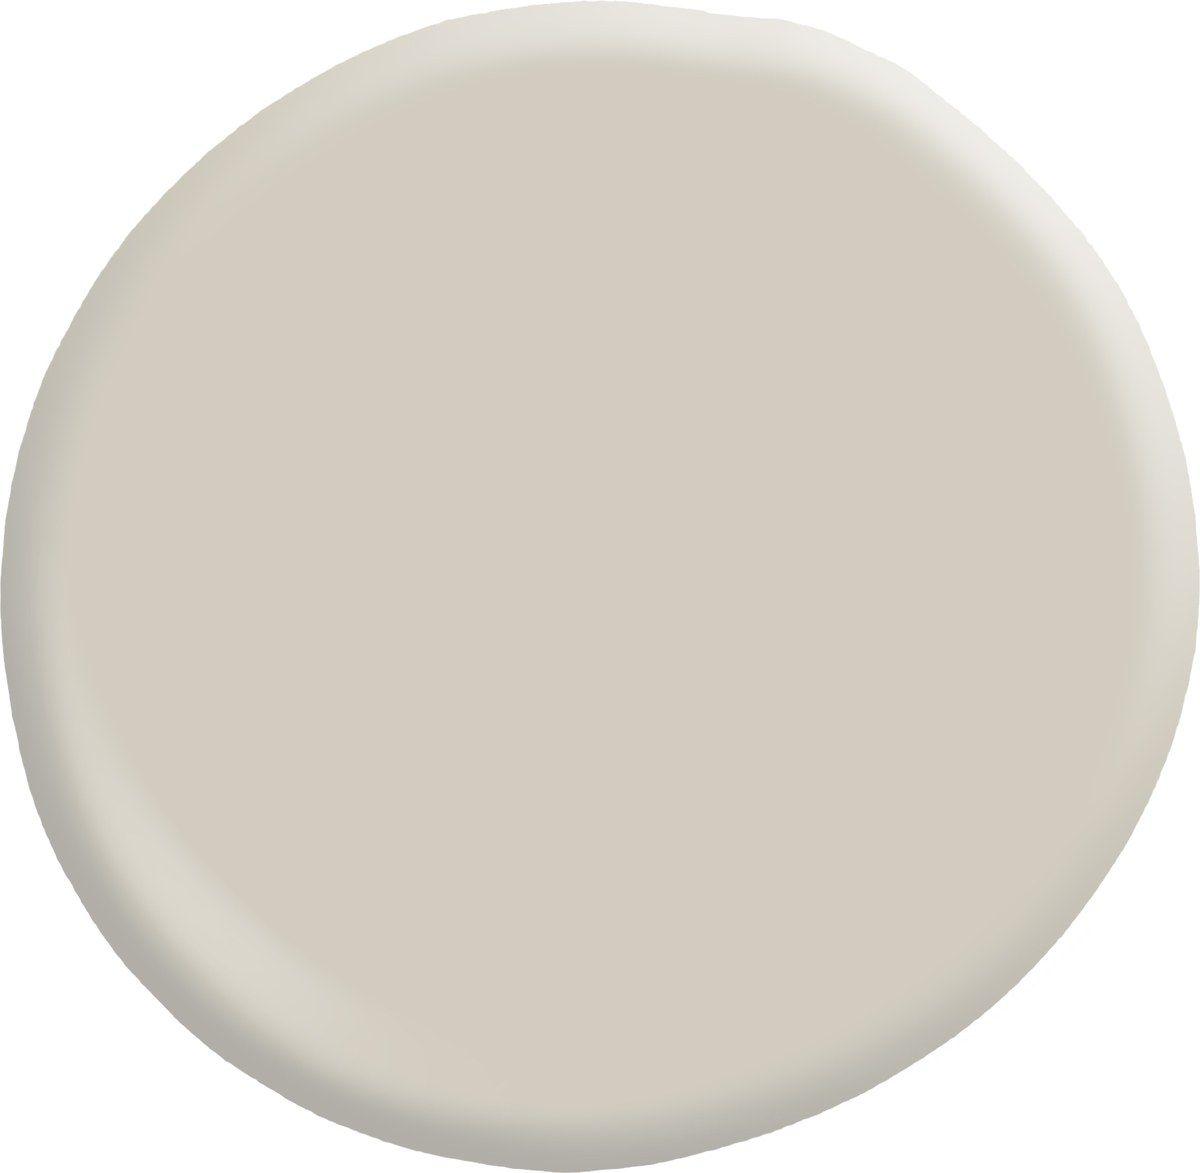 These Are The Most Popular Valspar Paint Colors | Valspar ...